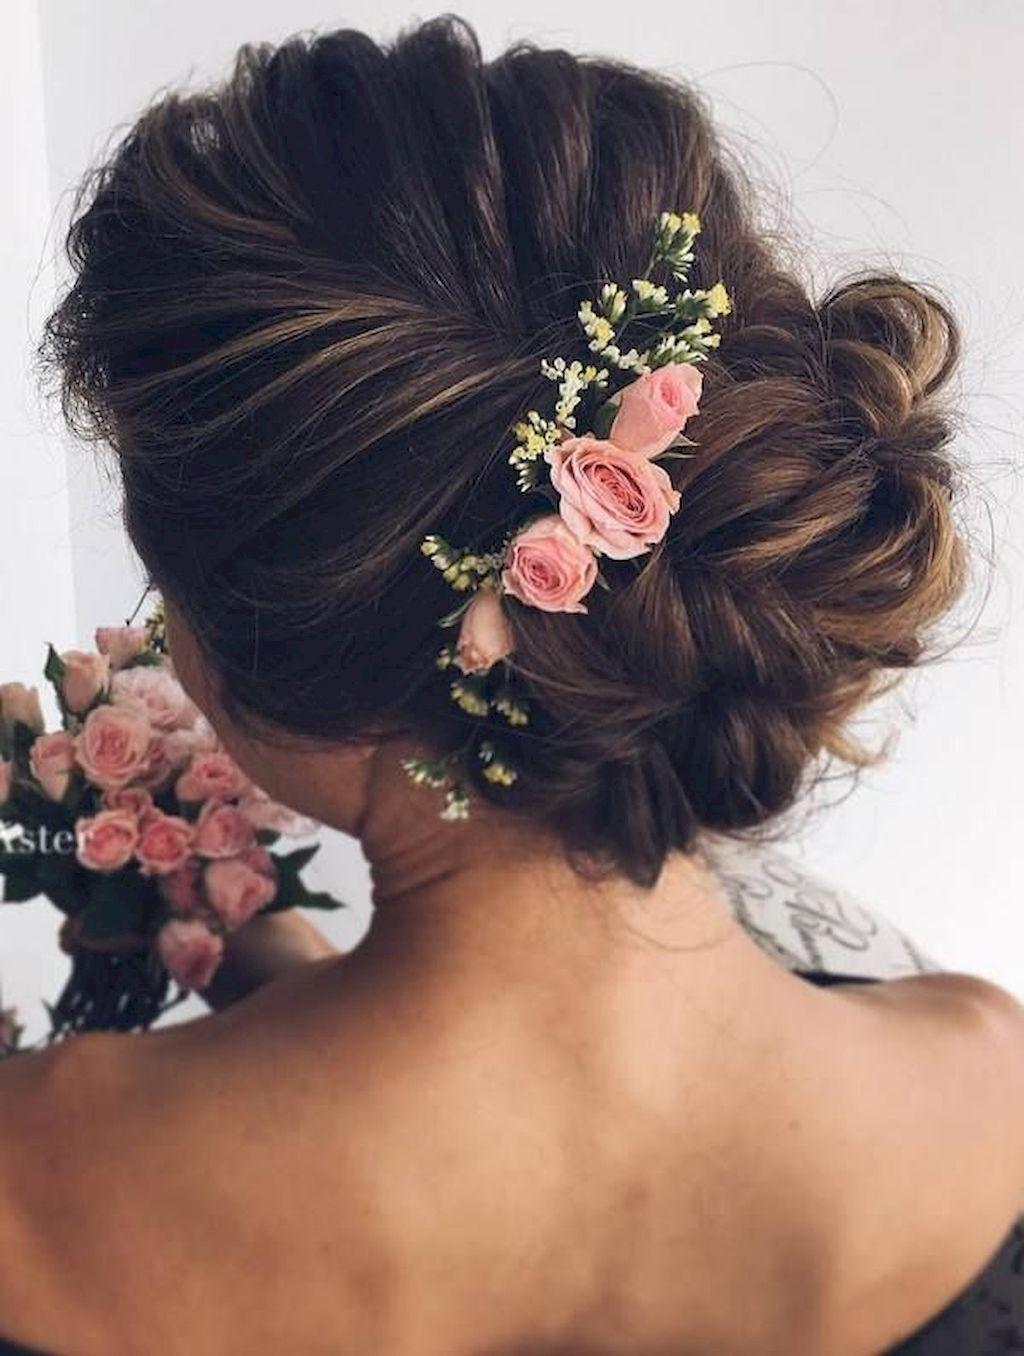 traumhafte brautfrisur mit echten rosen perfekt f r die romantische braut weddinghairstyles. Black Bedroom Furniture Sets. Home Design Ideas